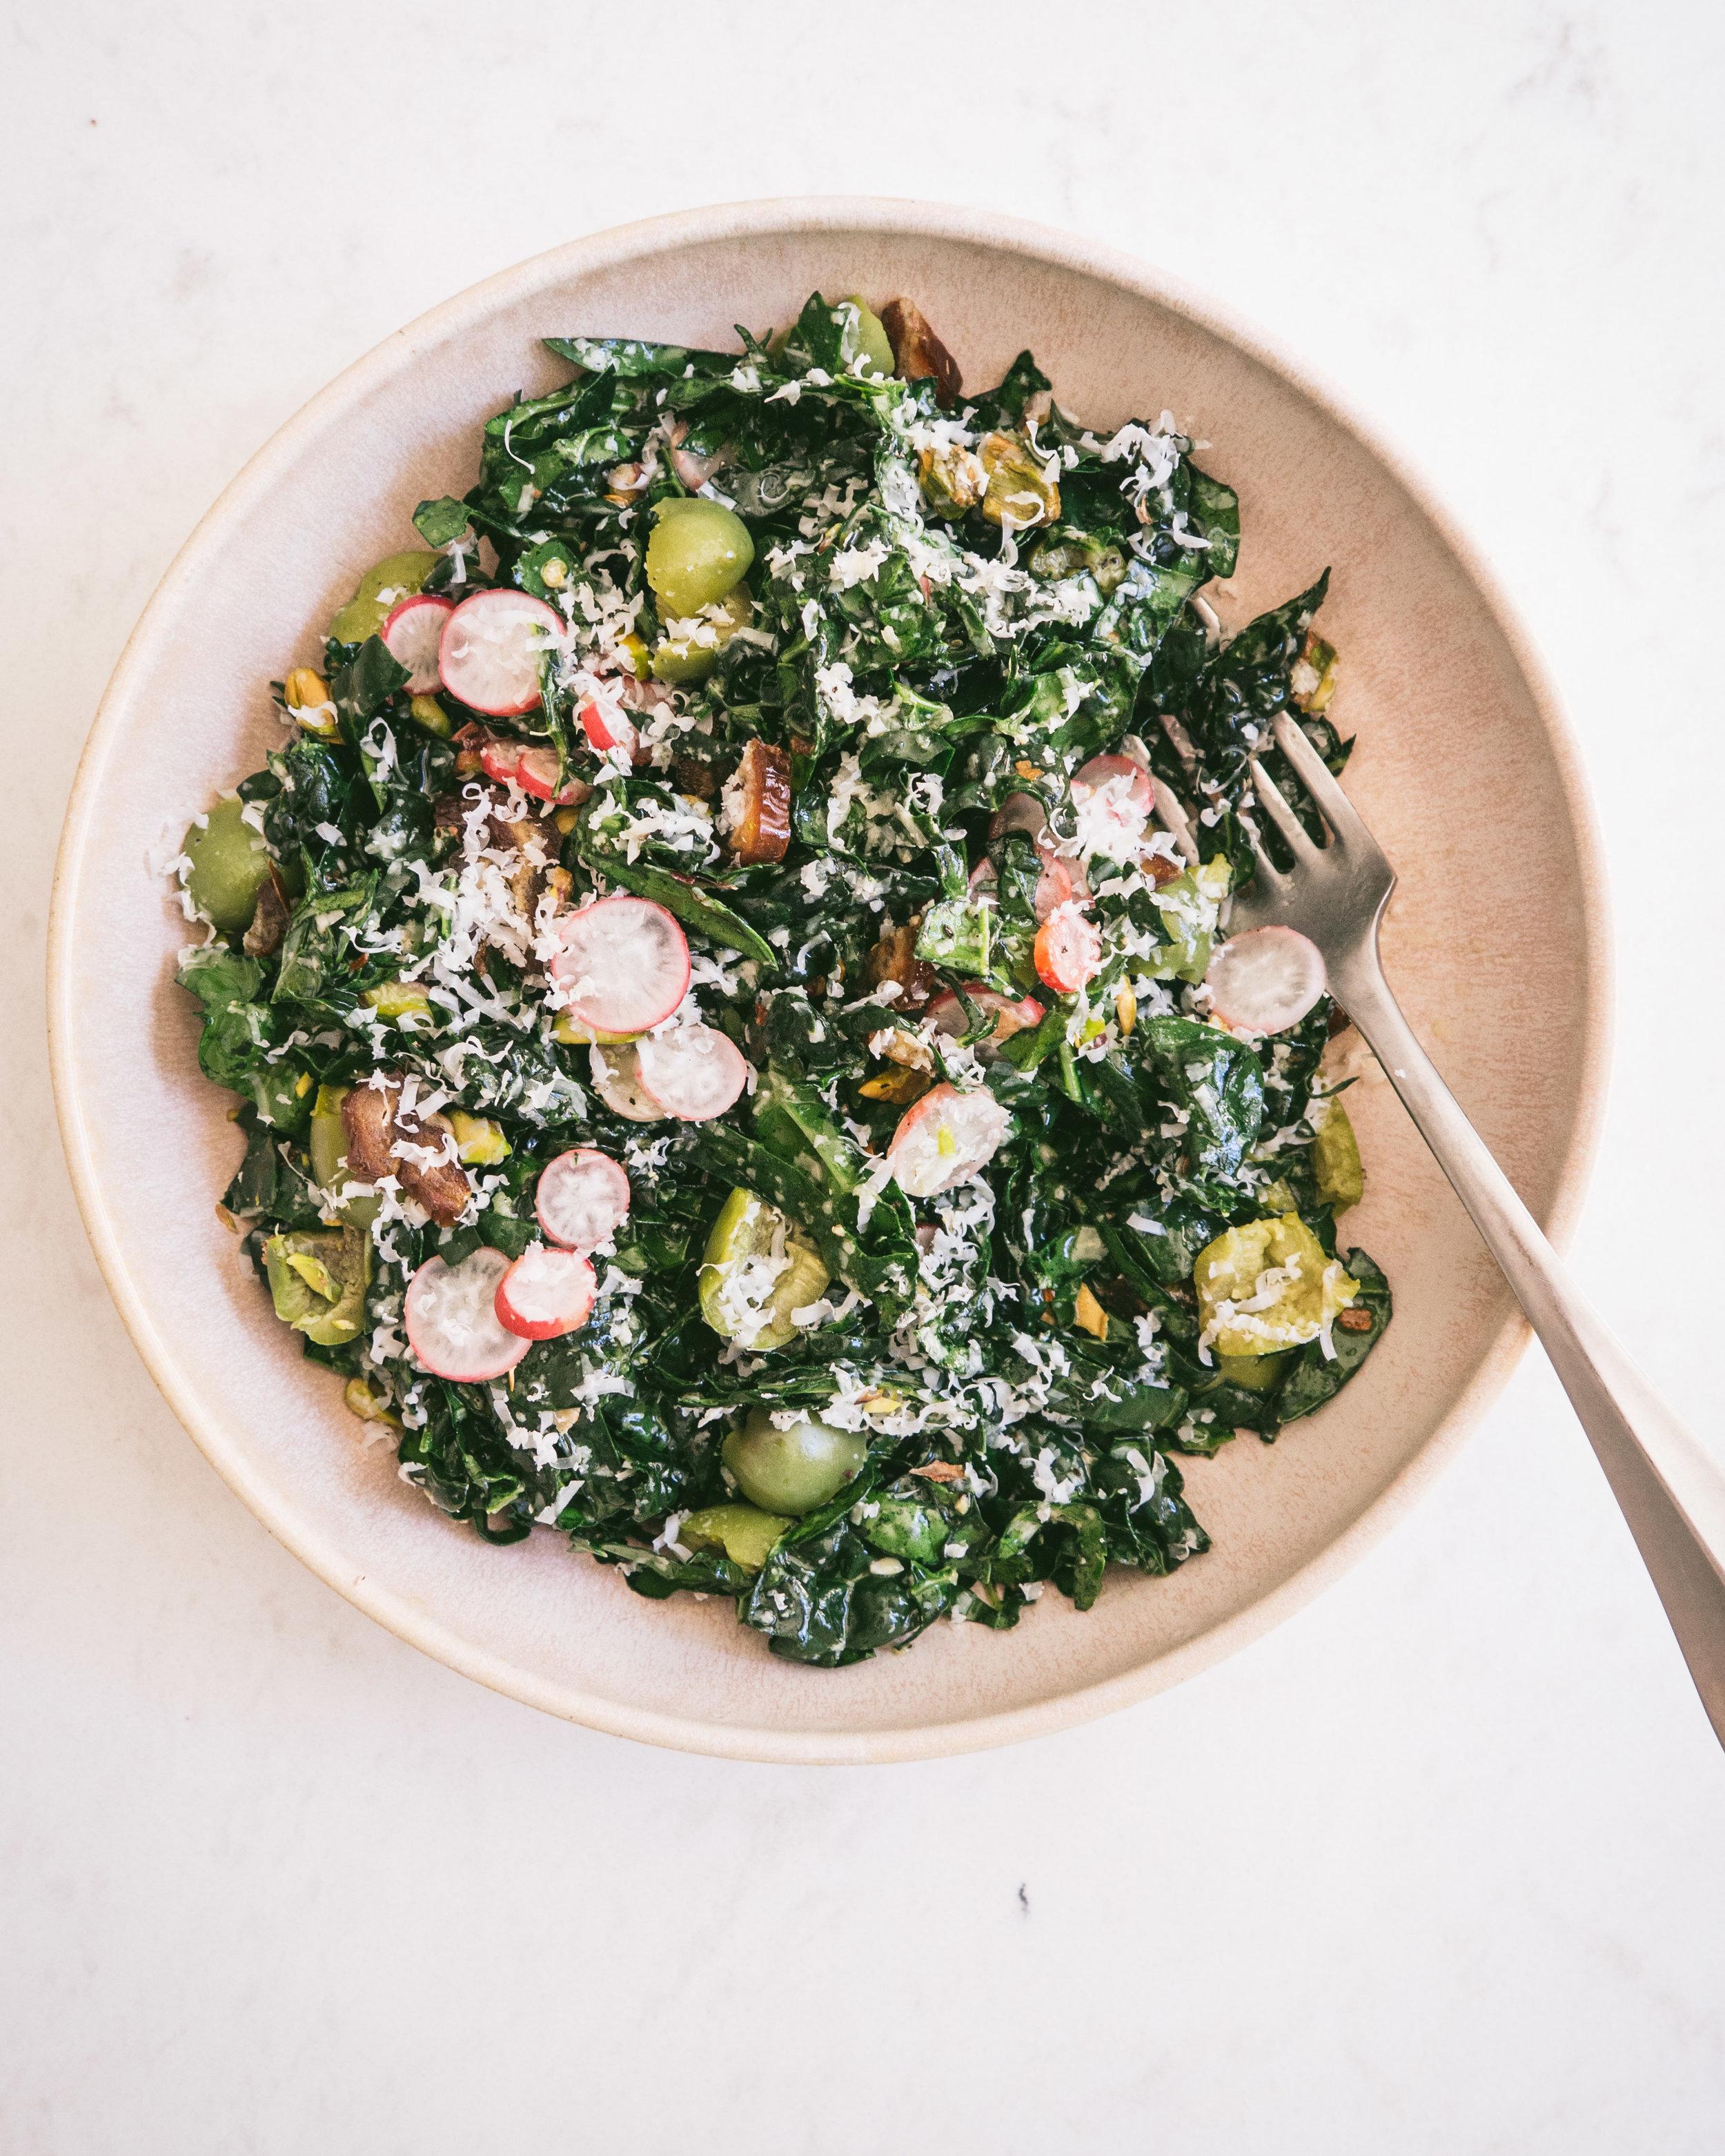 Clean Out the Fridge Kale Salad